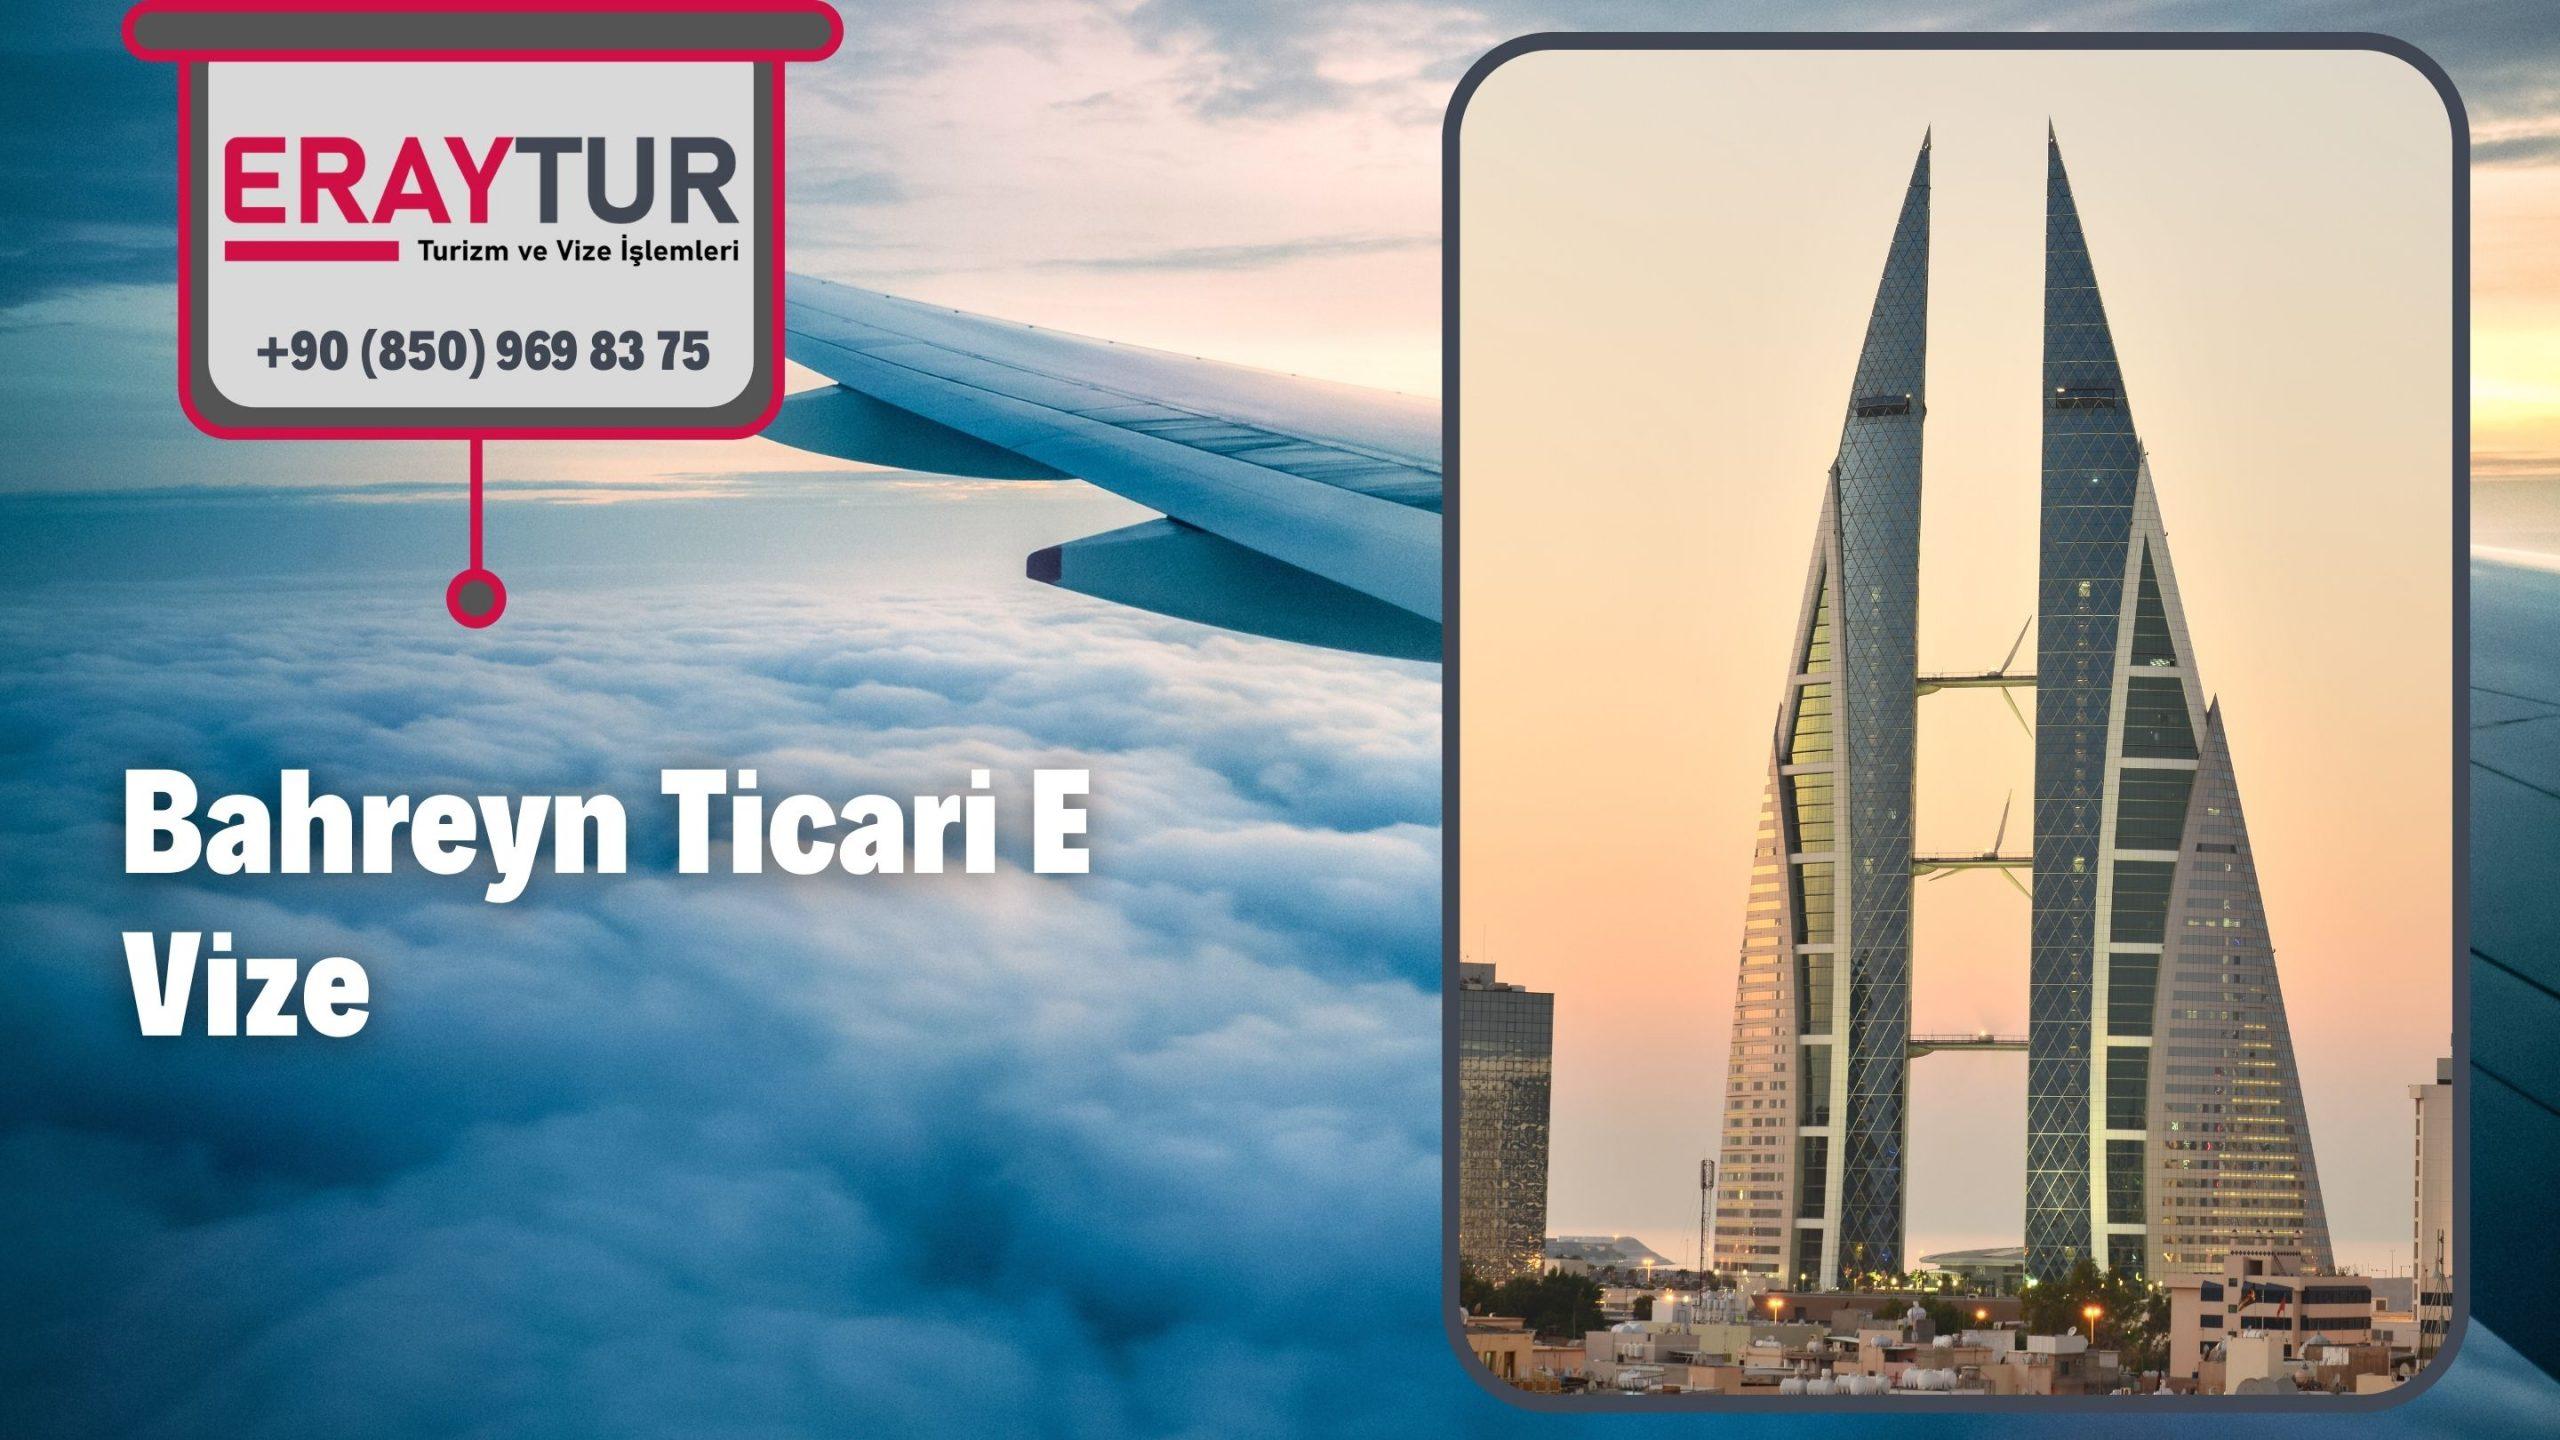 Bahreyn Ticari E Vize